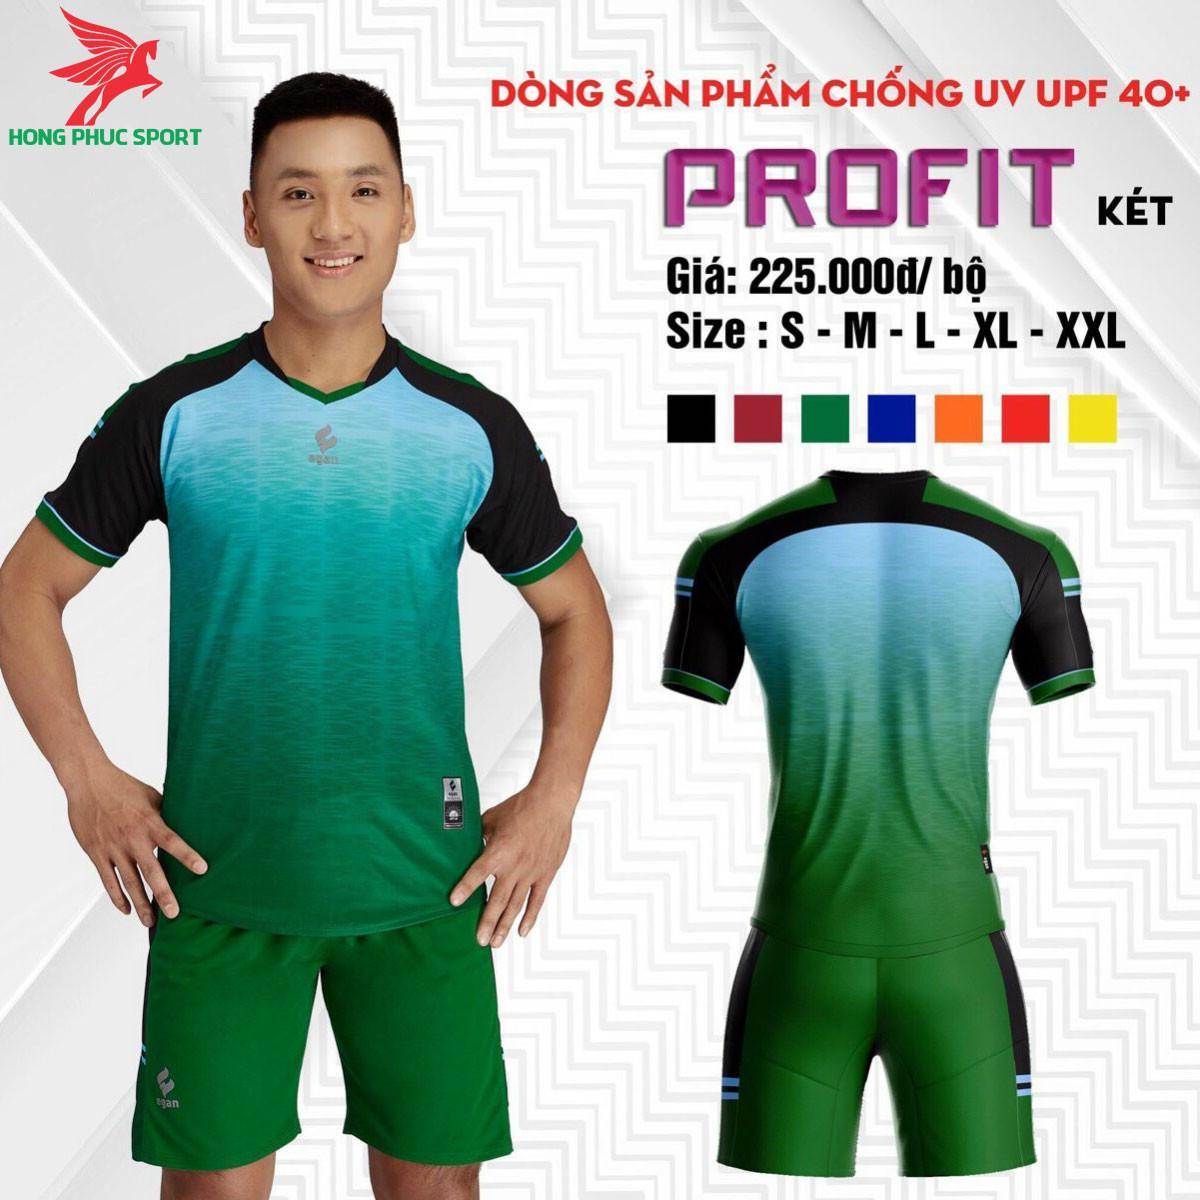 Áo đá banh không logo CP EGAN PROFIT 2021 màu Xanh lá